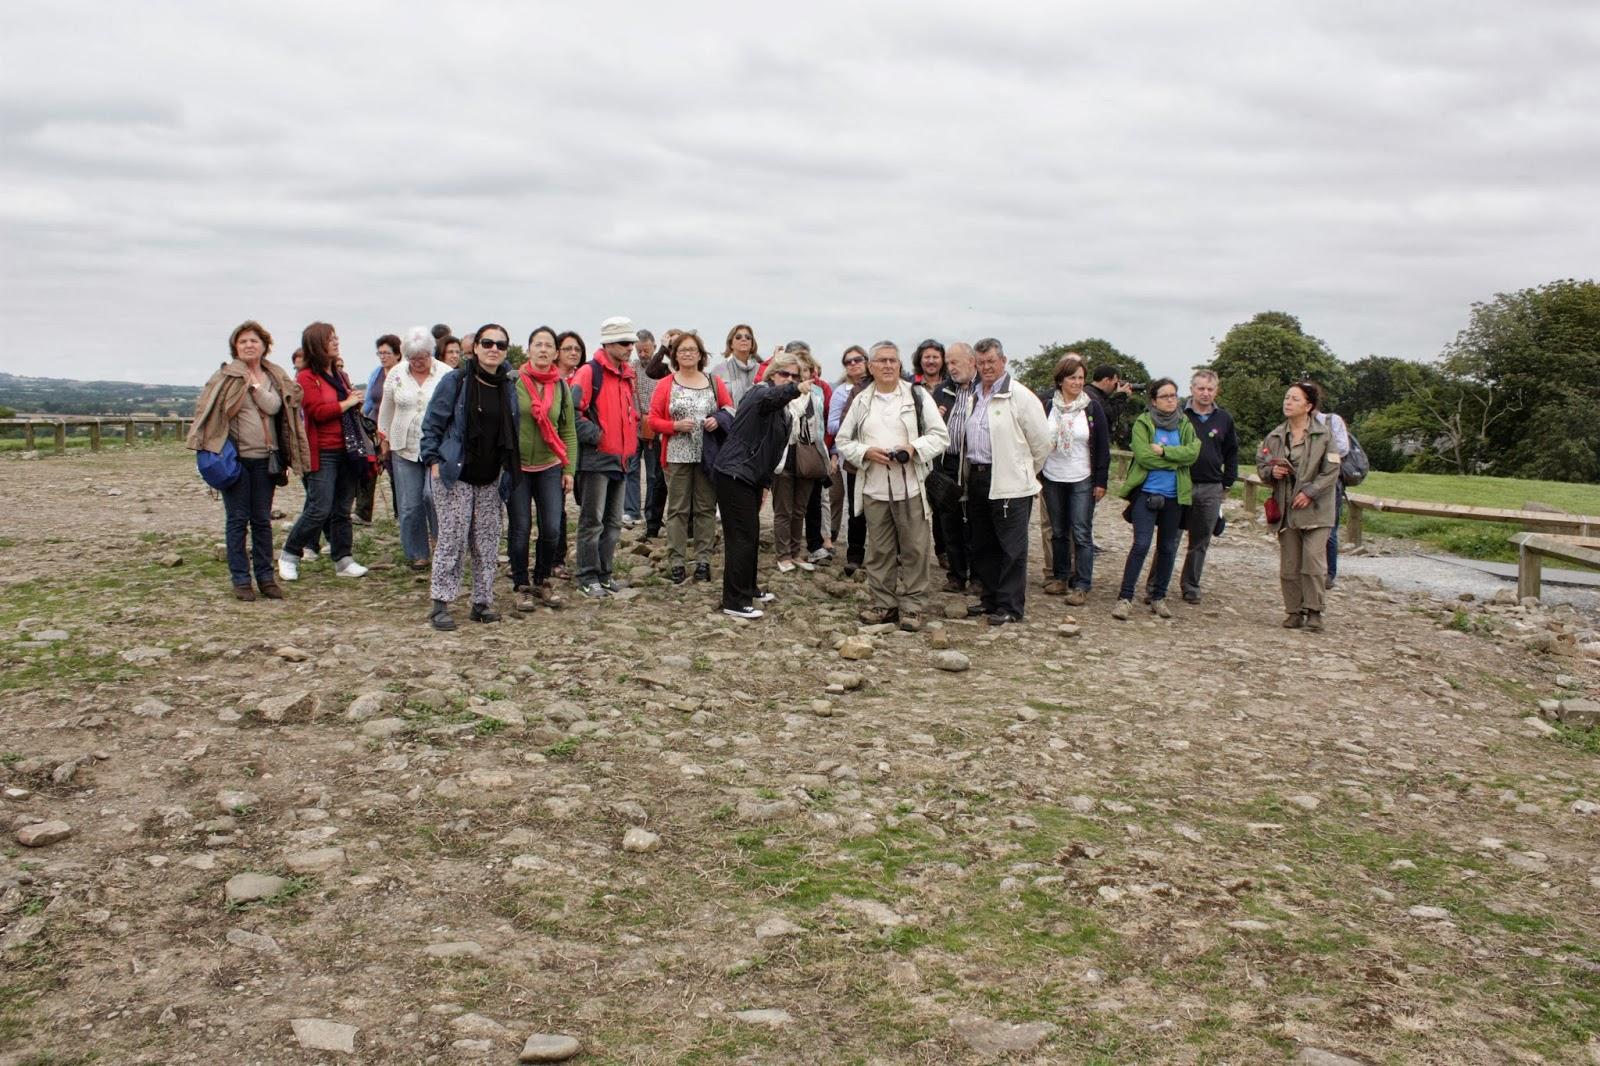 Os viaxeiros no cume do gran túmulo de Knowth, seguindo as explicacións da guía (foto Sinda Cundíns)